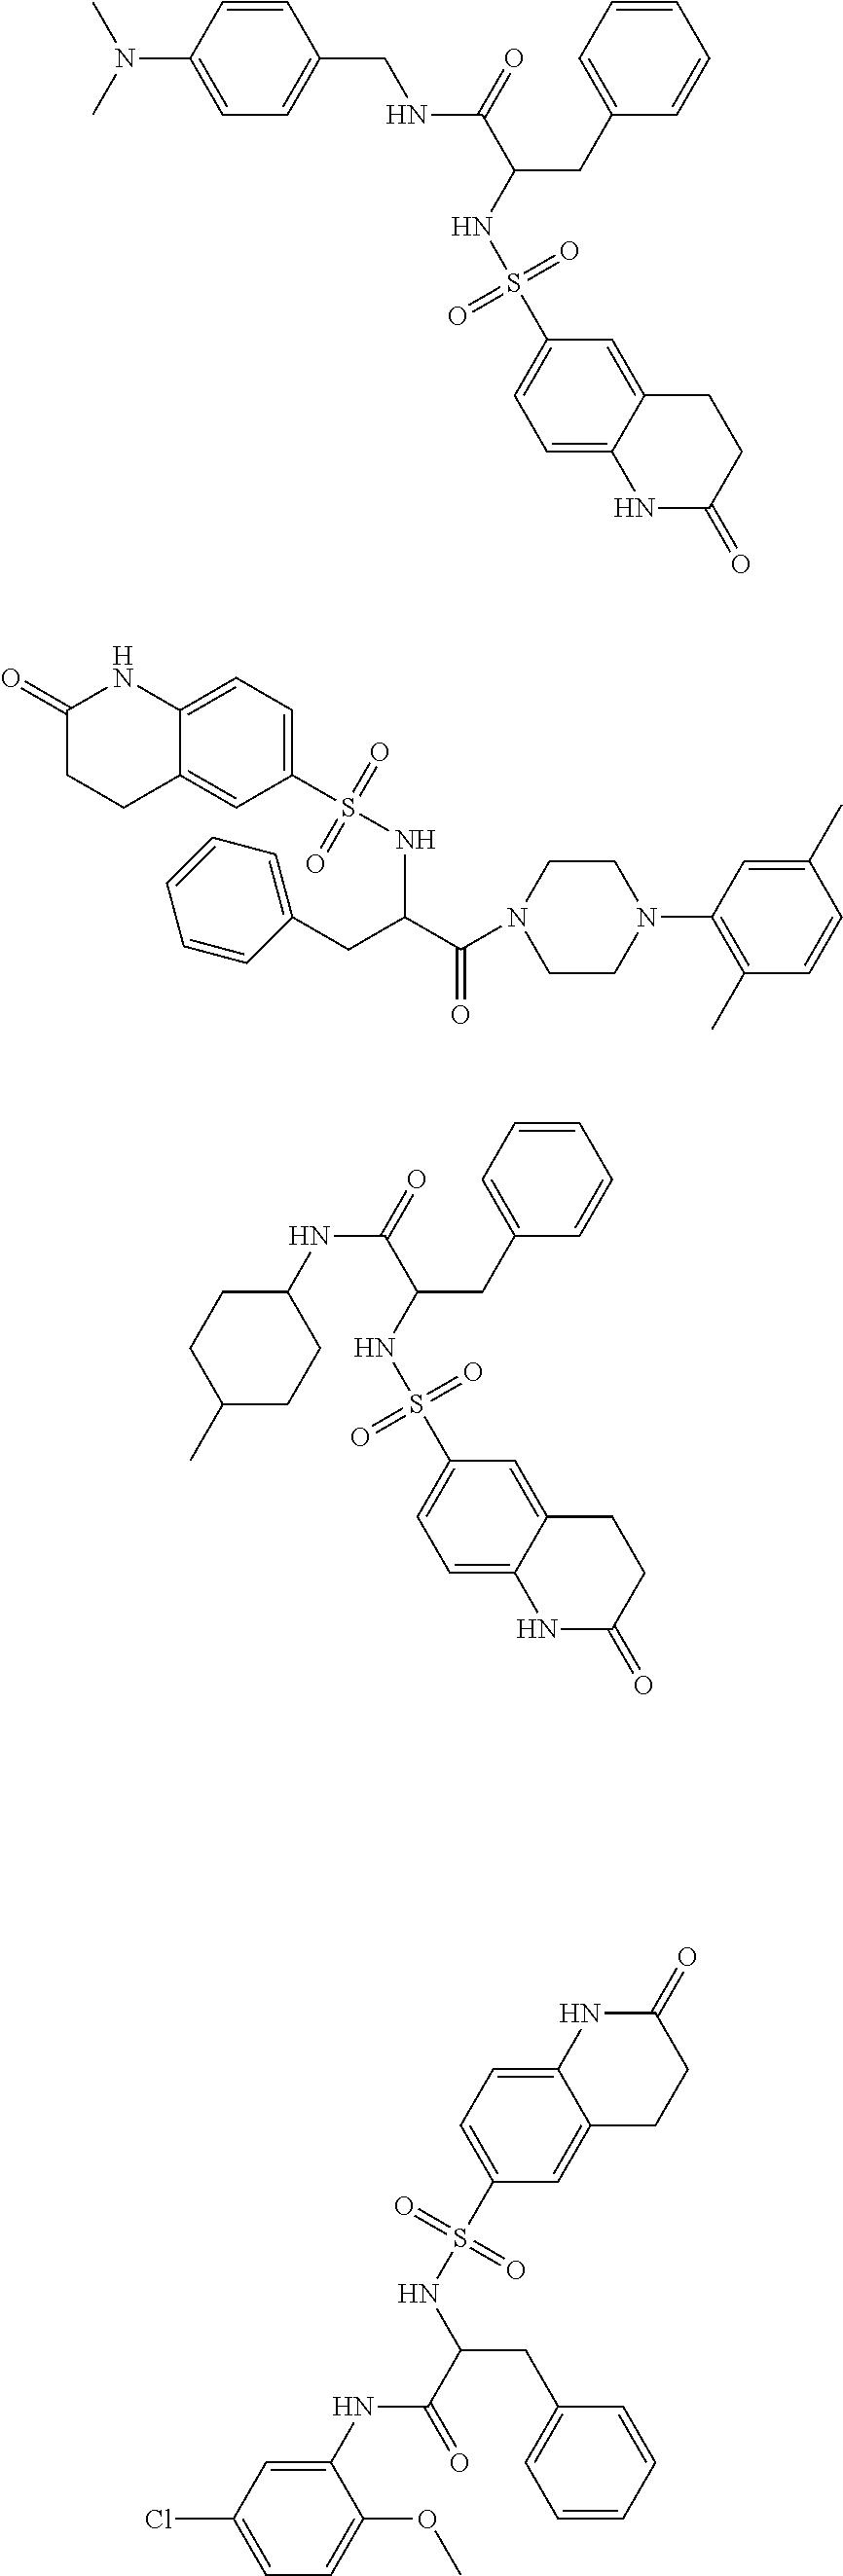 Figure US08957075-20150217-C00040